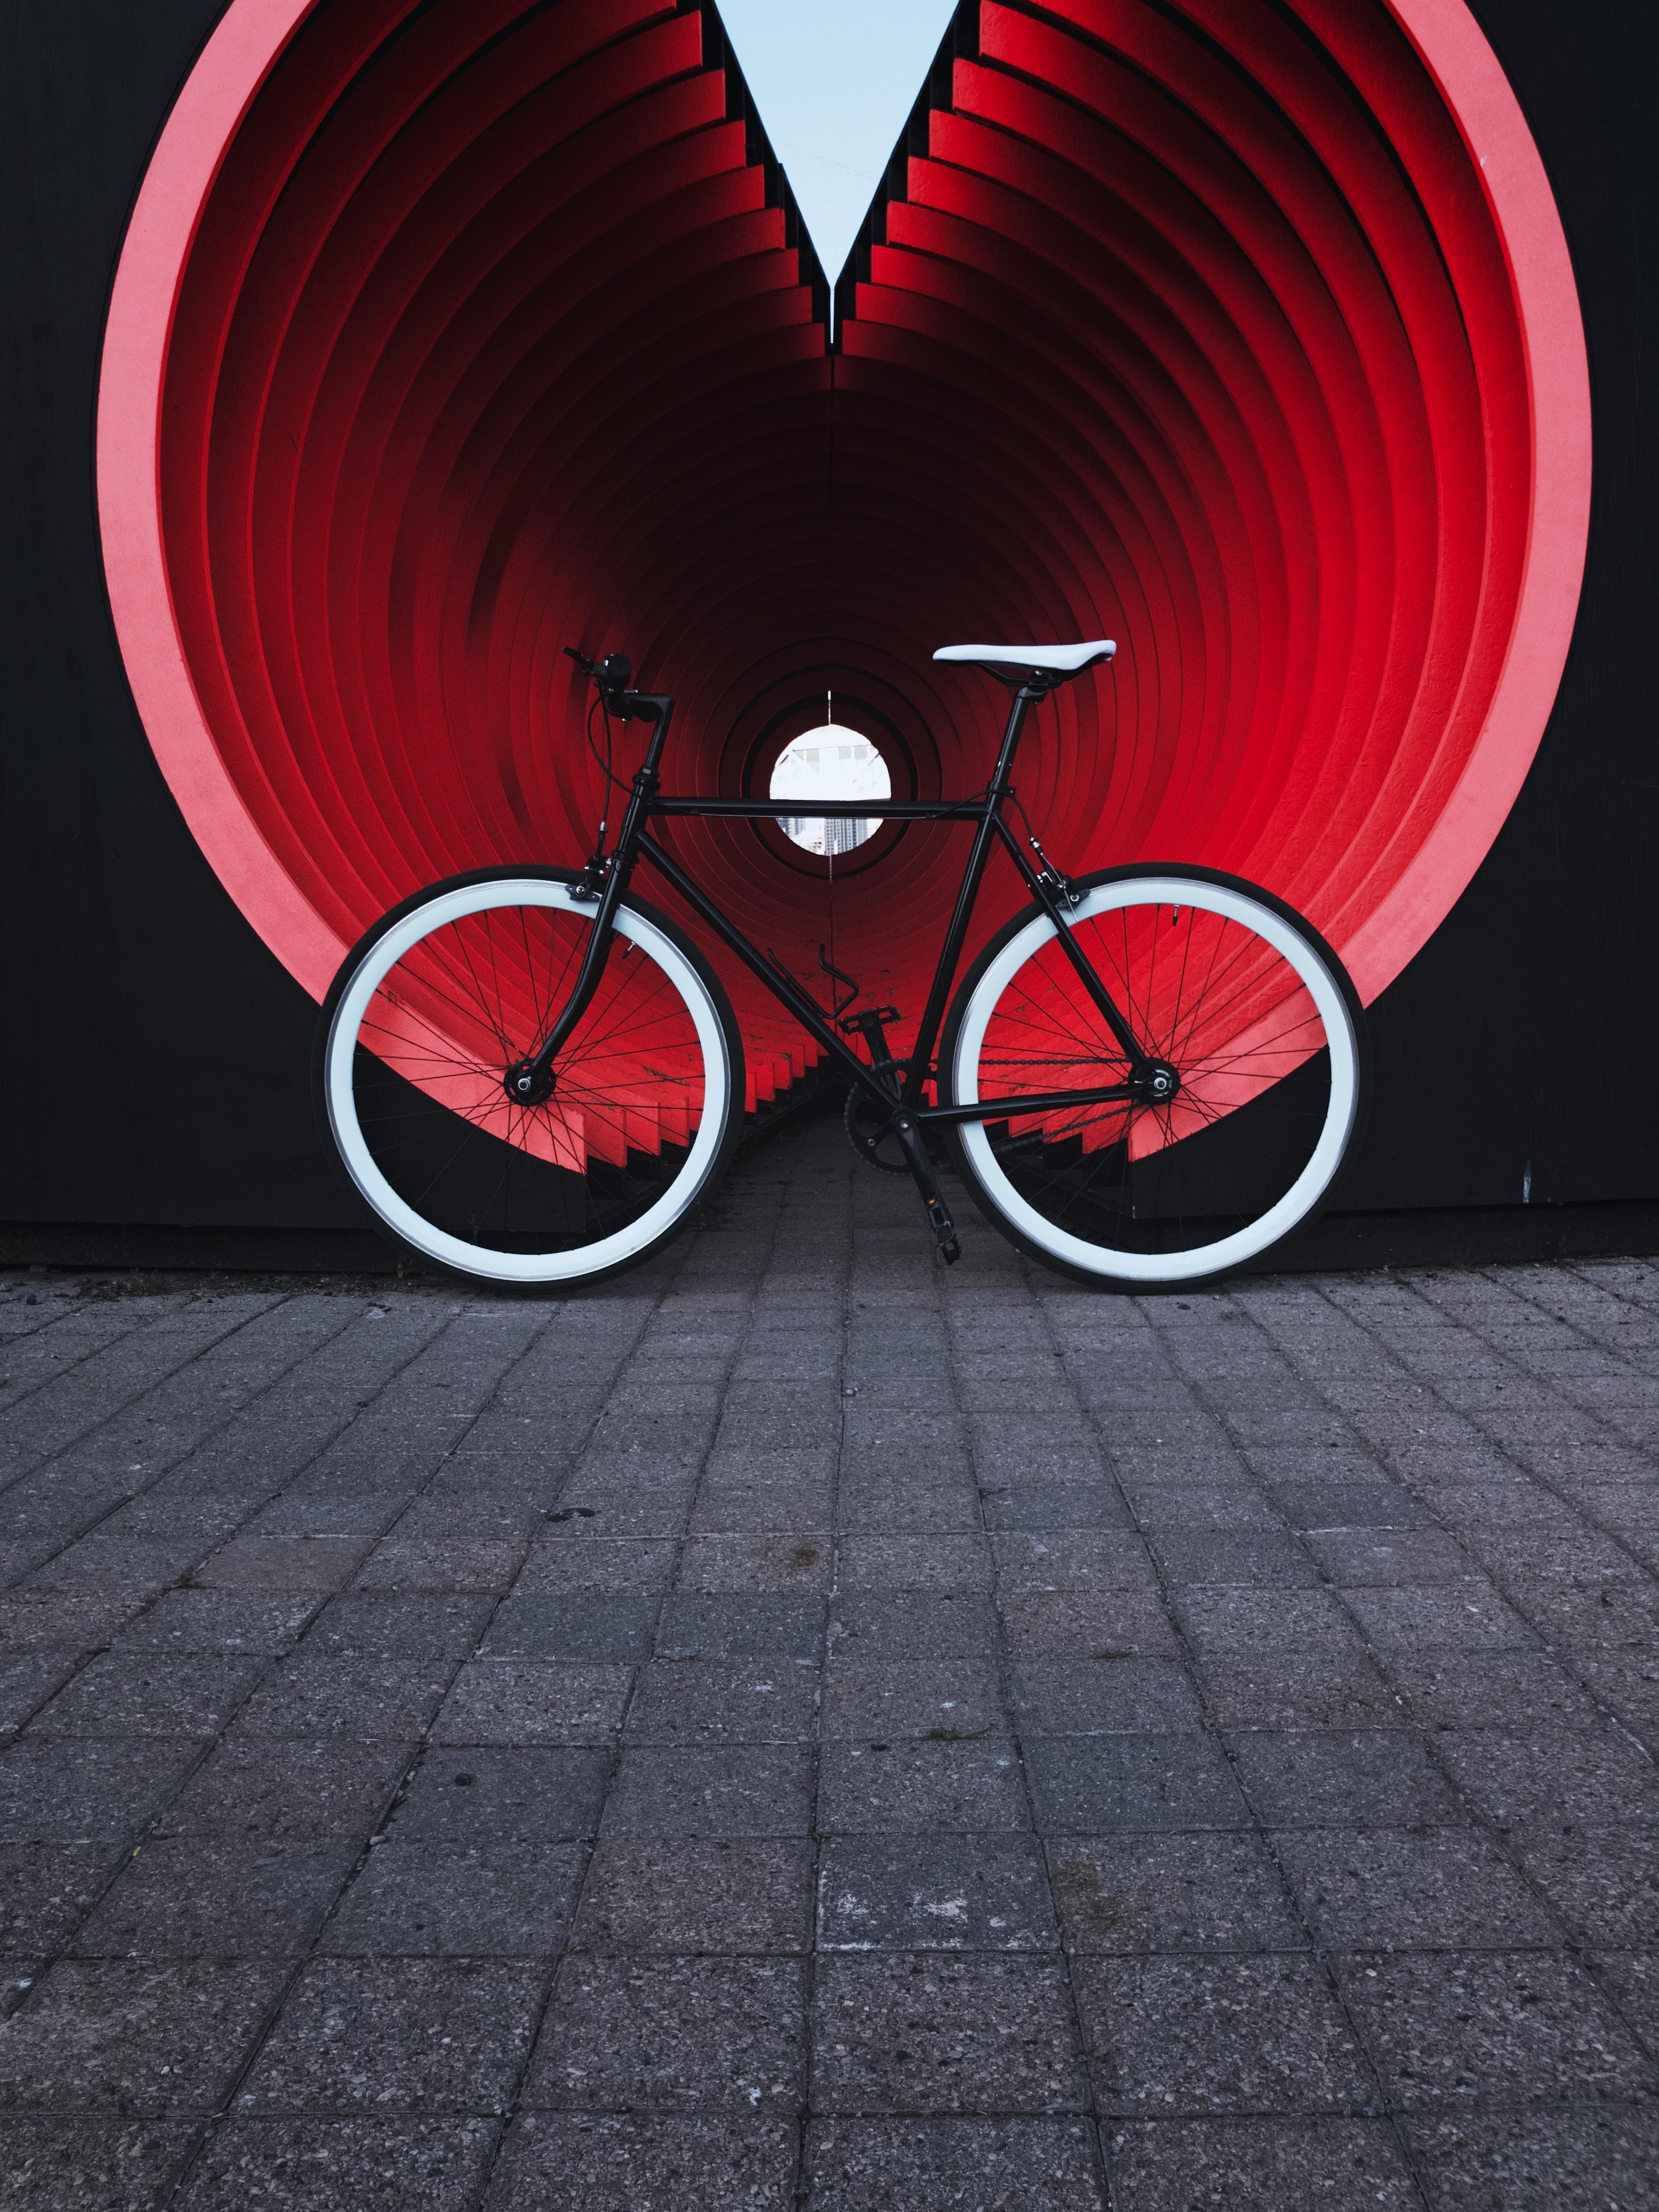 105877 скачать обои Транспорт, Разное, Труба, Улица, Велосипед - заставки и картинки бесплатно